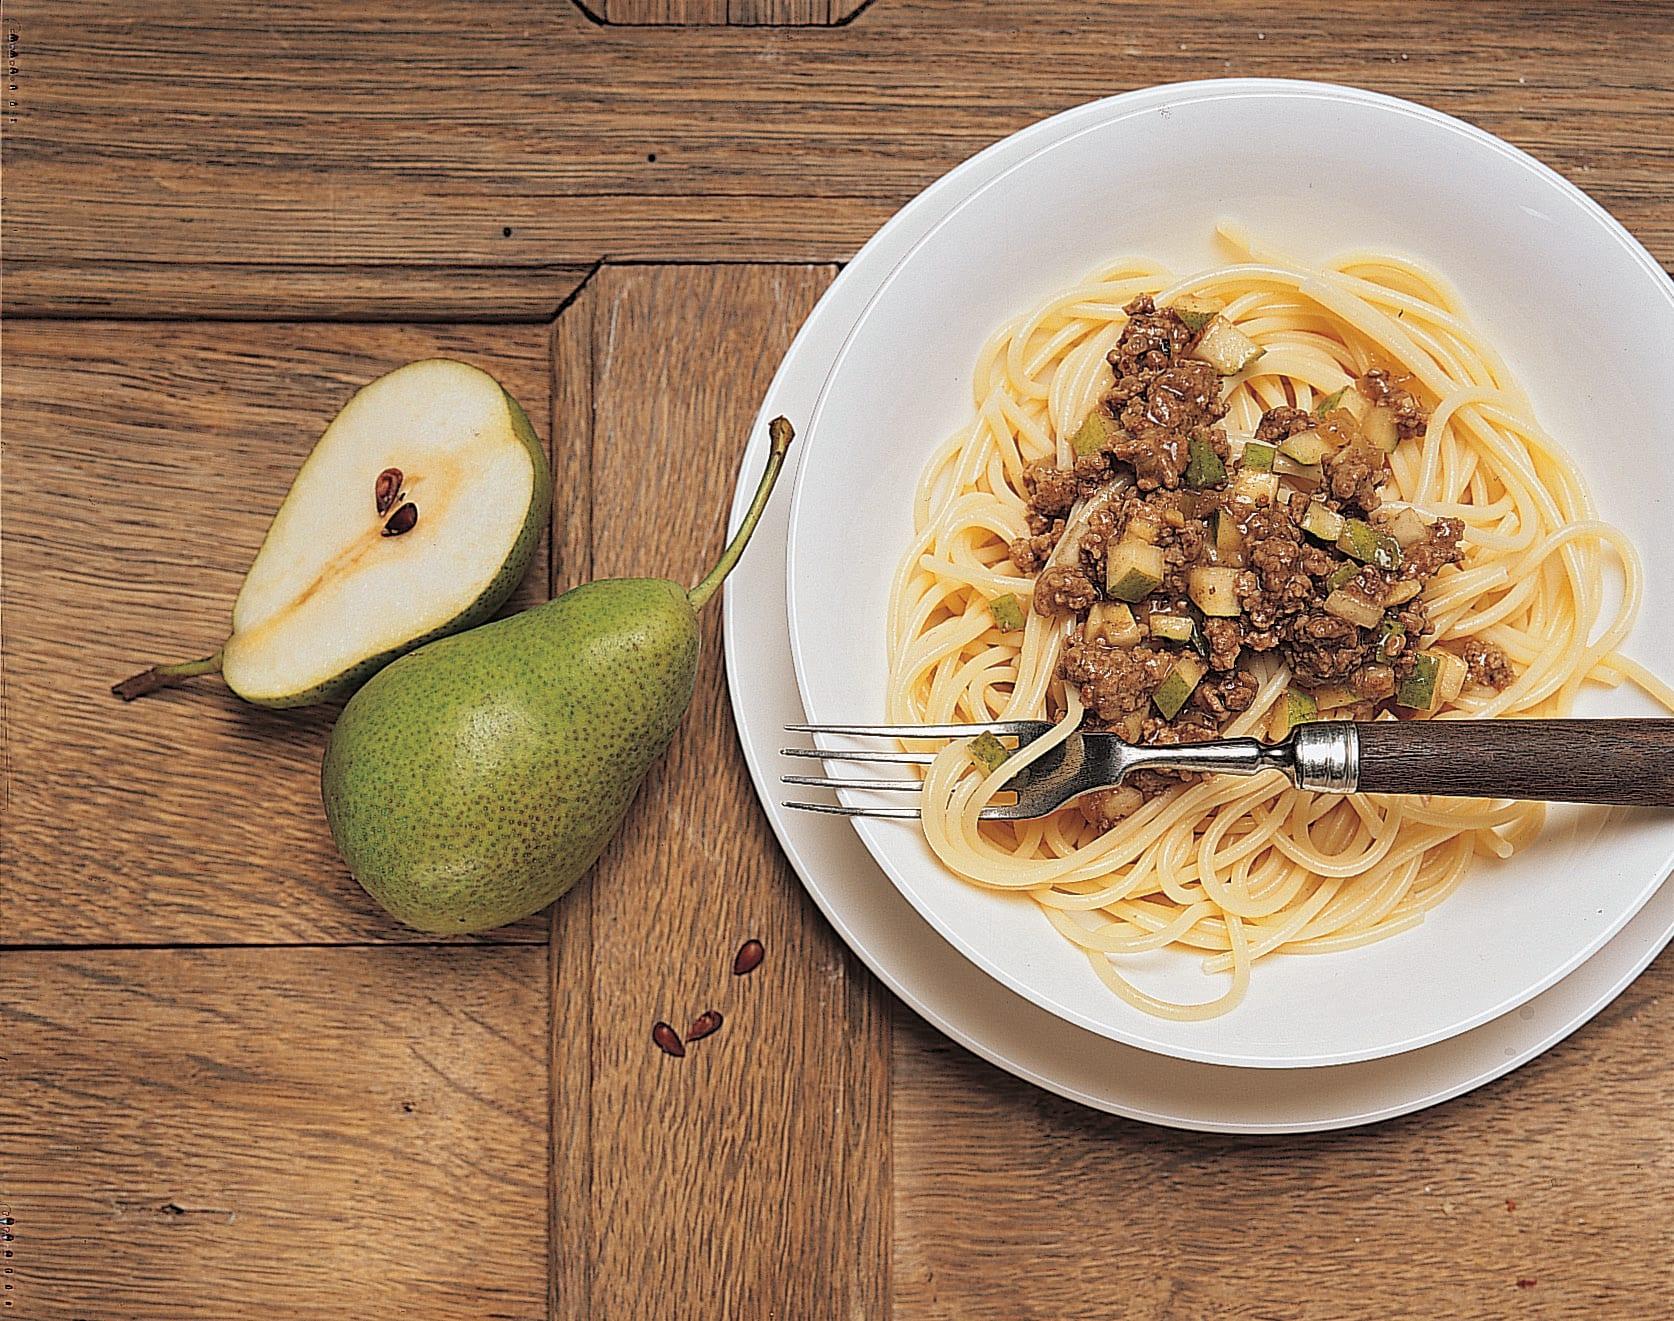 Spaghetti mit Birnen-Hackfleisch-Sugo